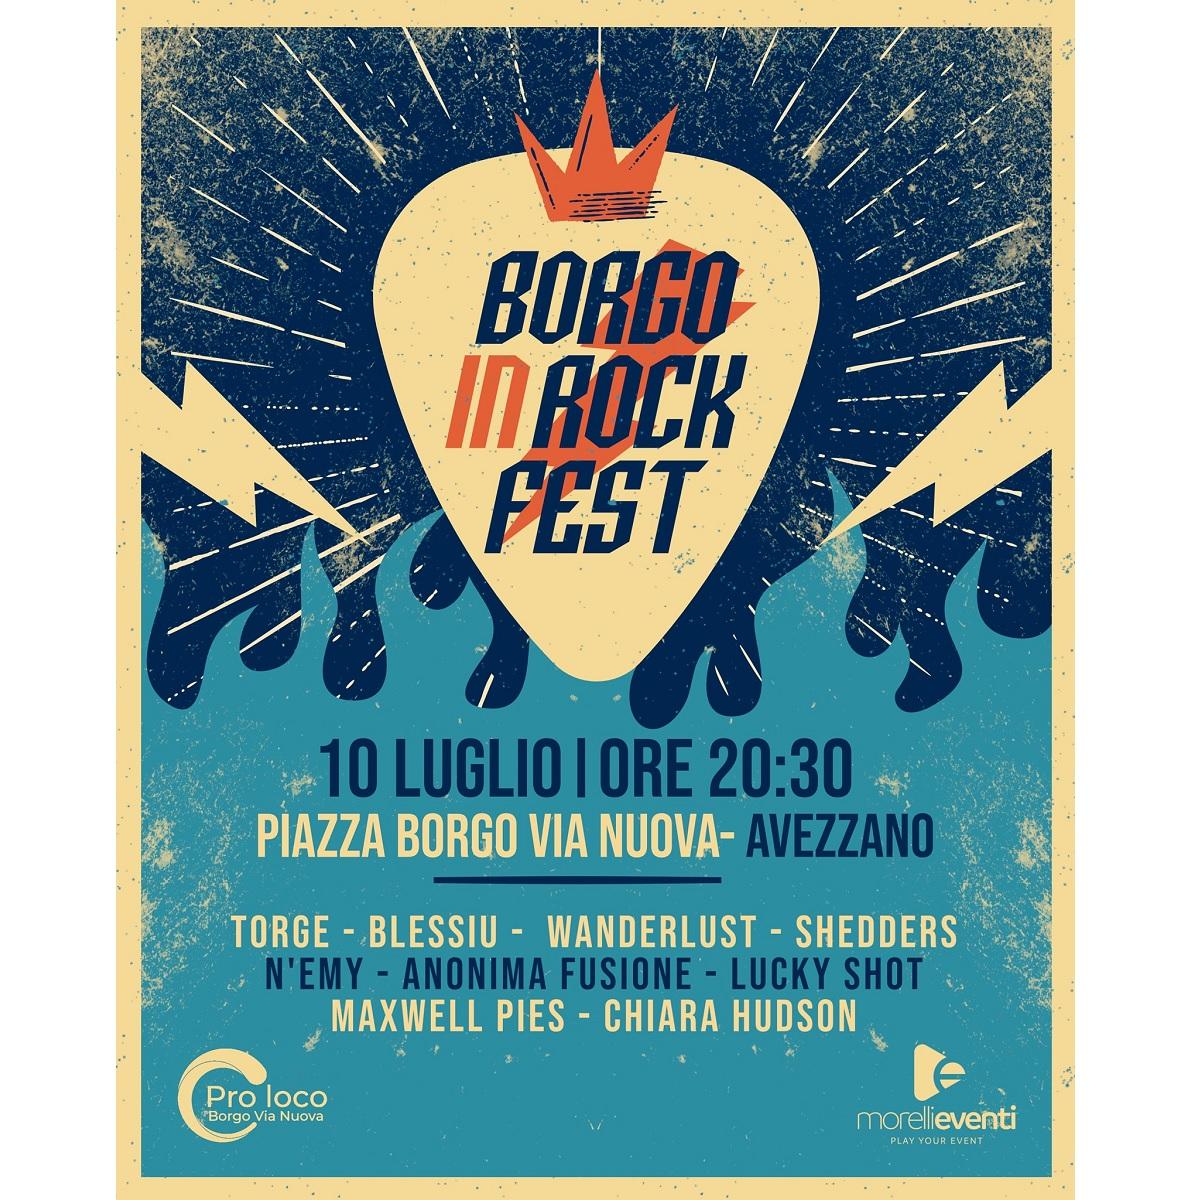 Borgo In Rock Fest 10 luglio 2021 ad Avezzano foto